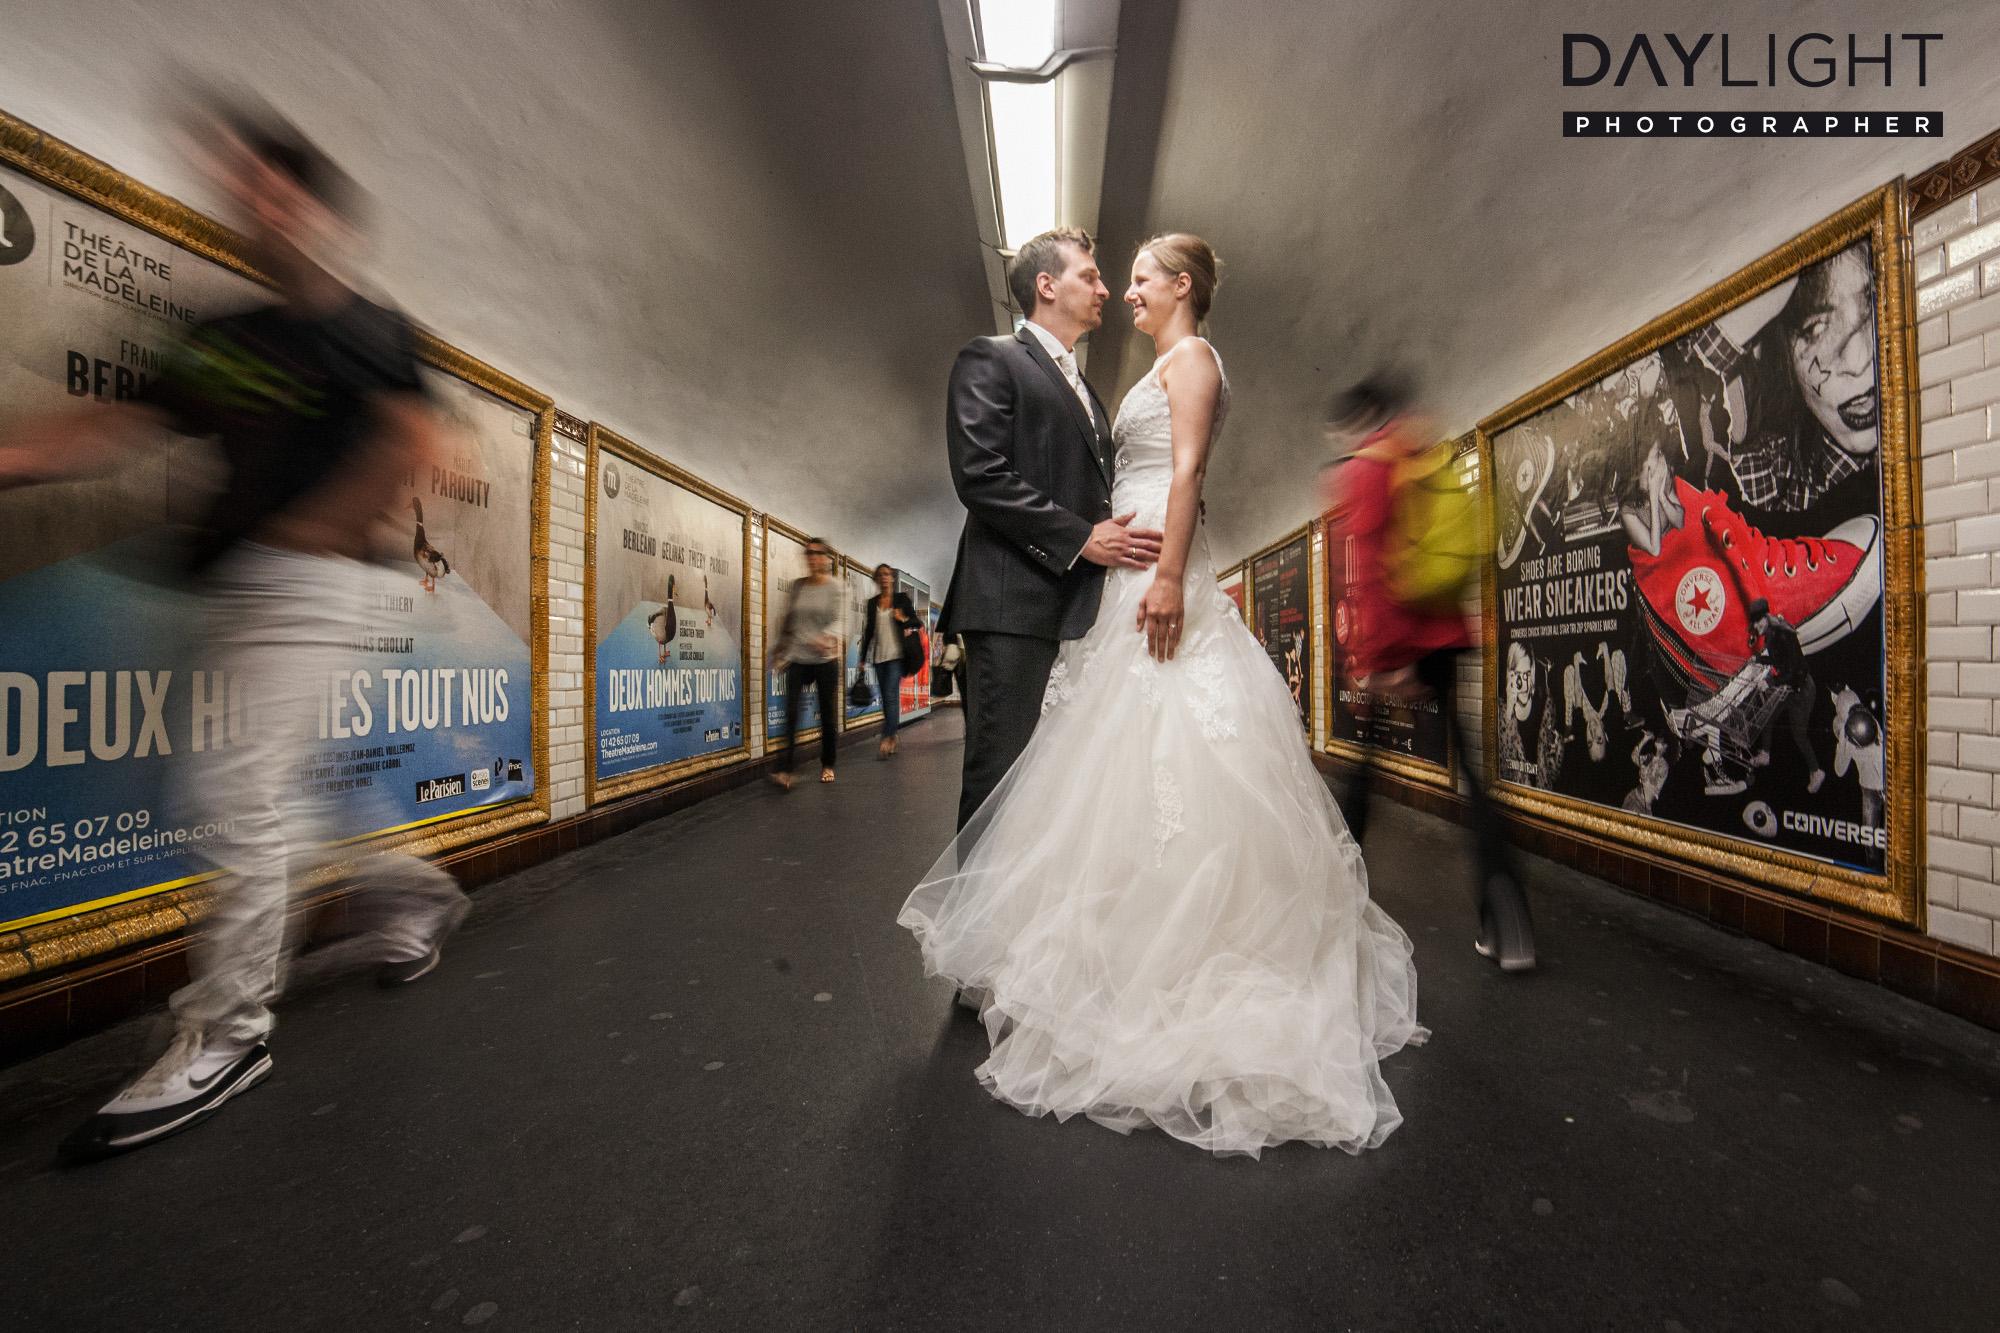 hochzeitsbilder metro paris